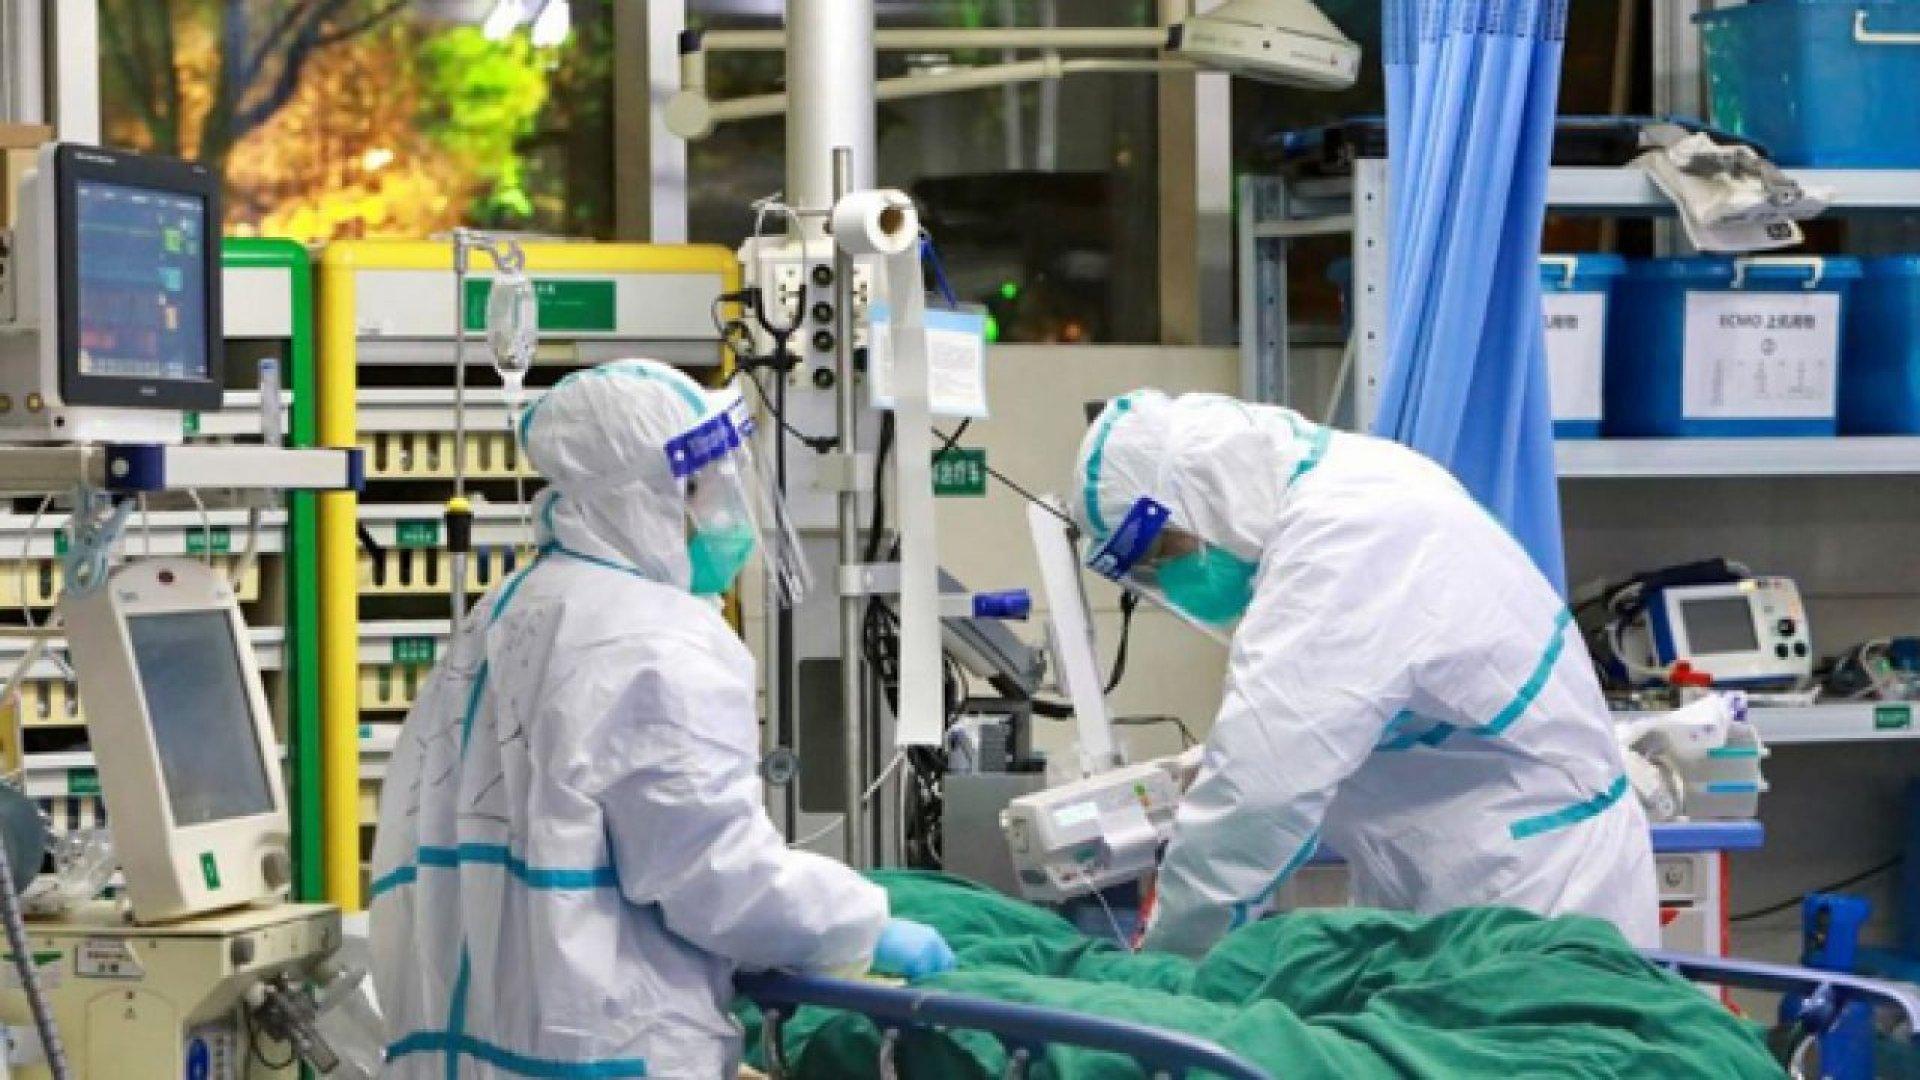 Засега няма пациенти на интензивно лечение във Варна. Снимката е илюстративна